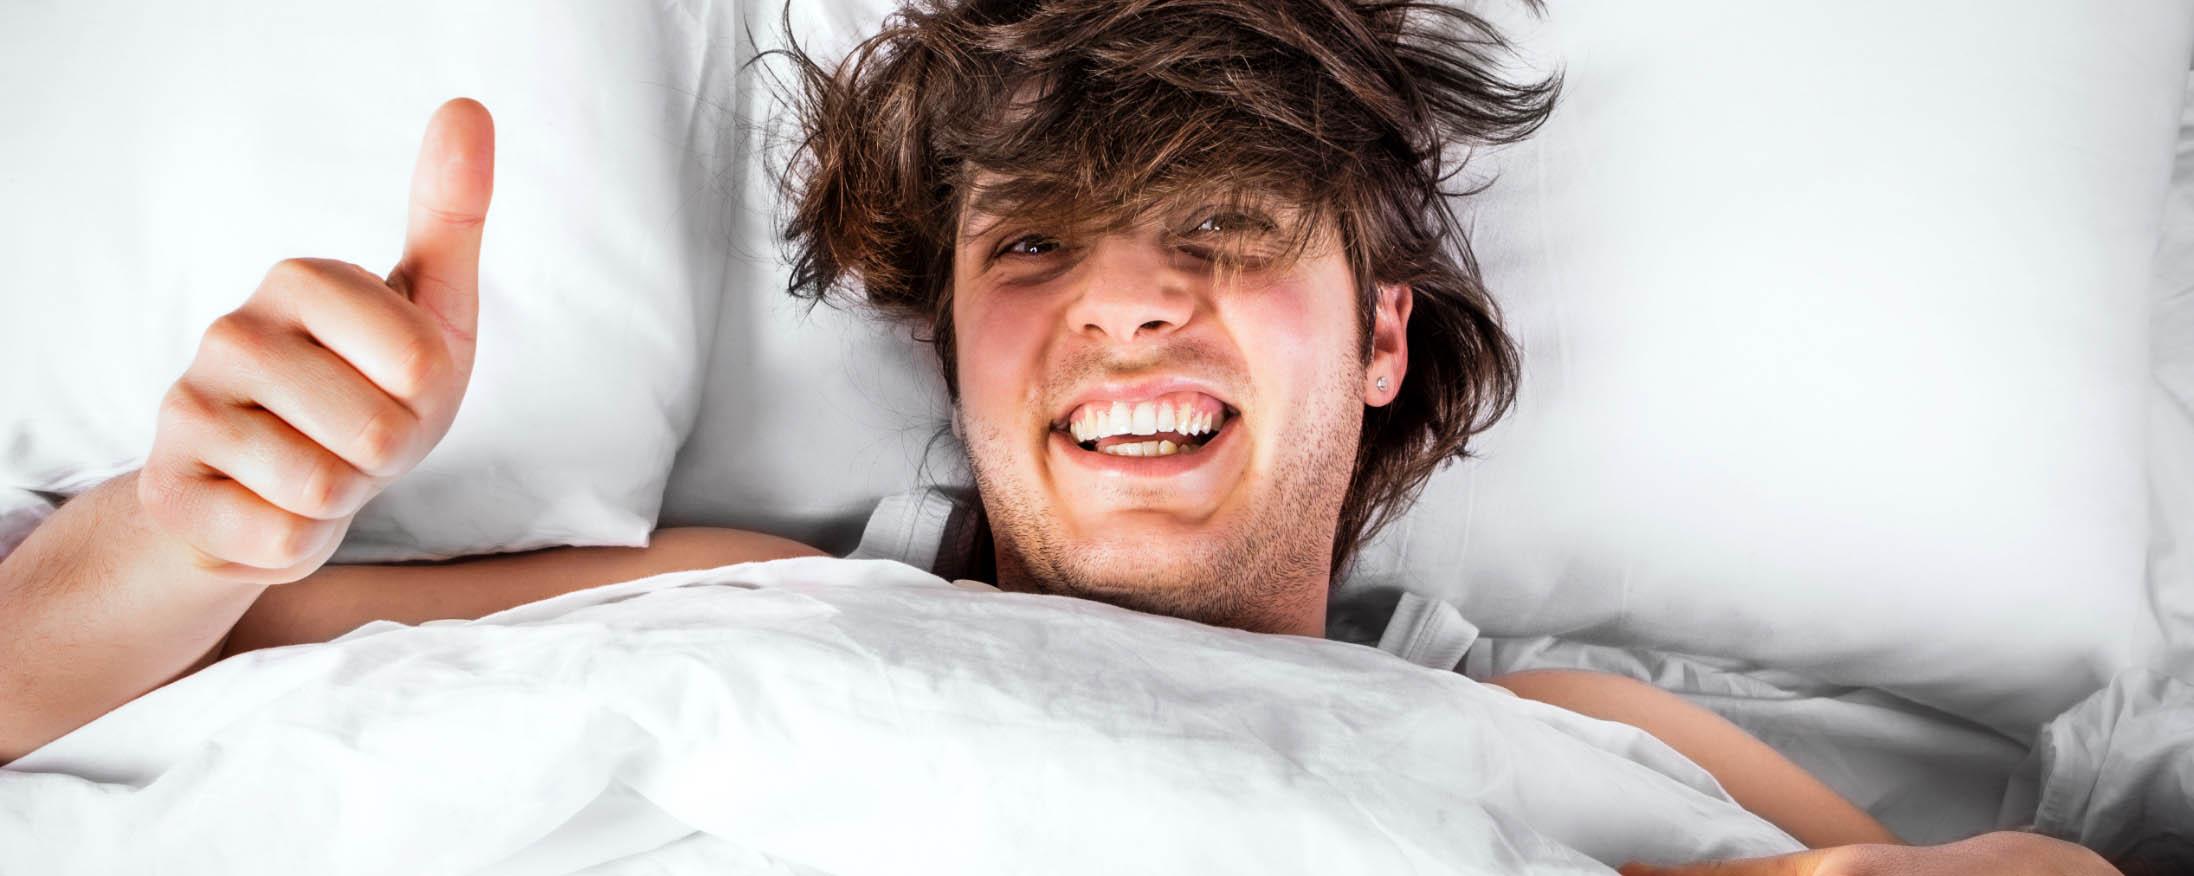 Homme dans un lit happy